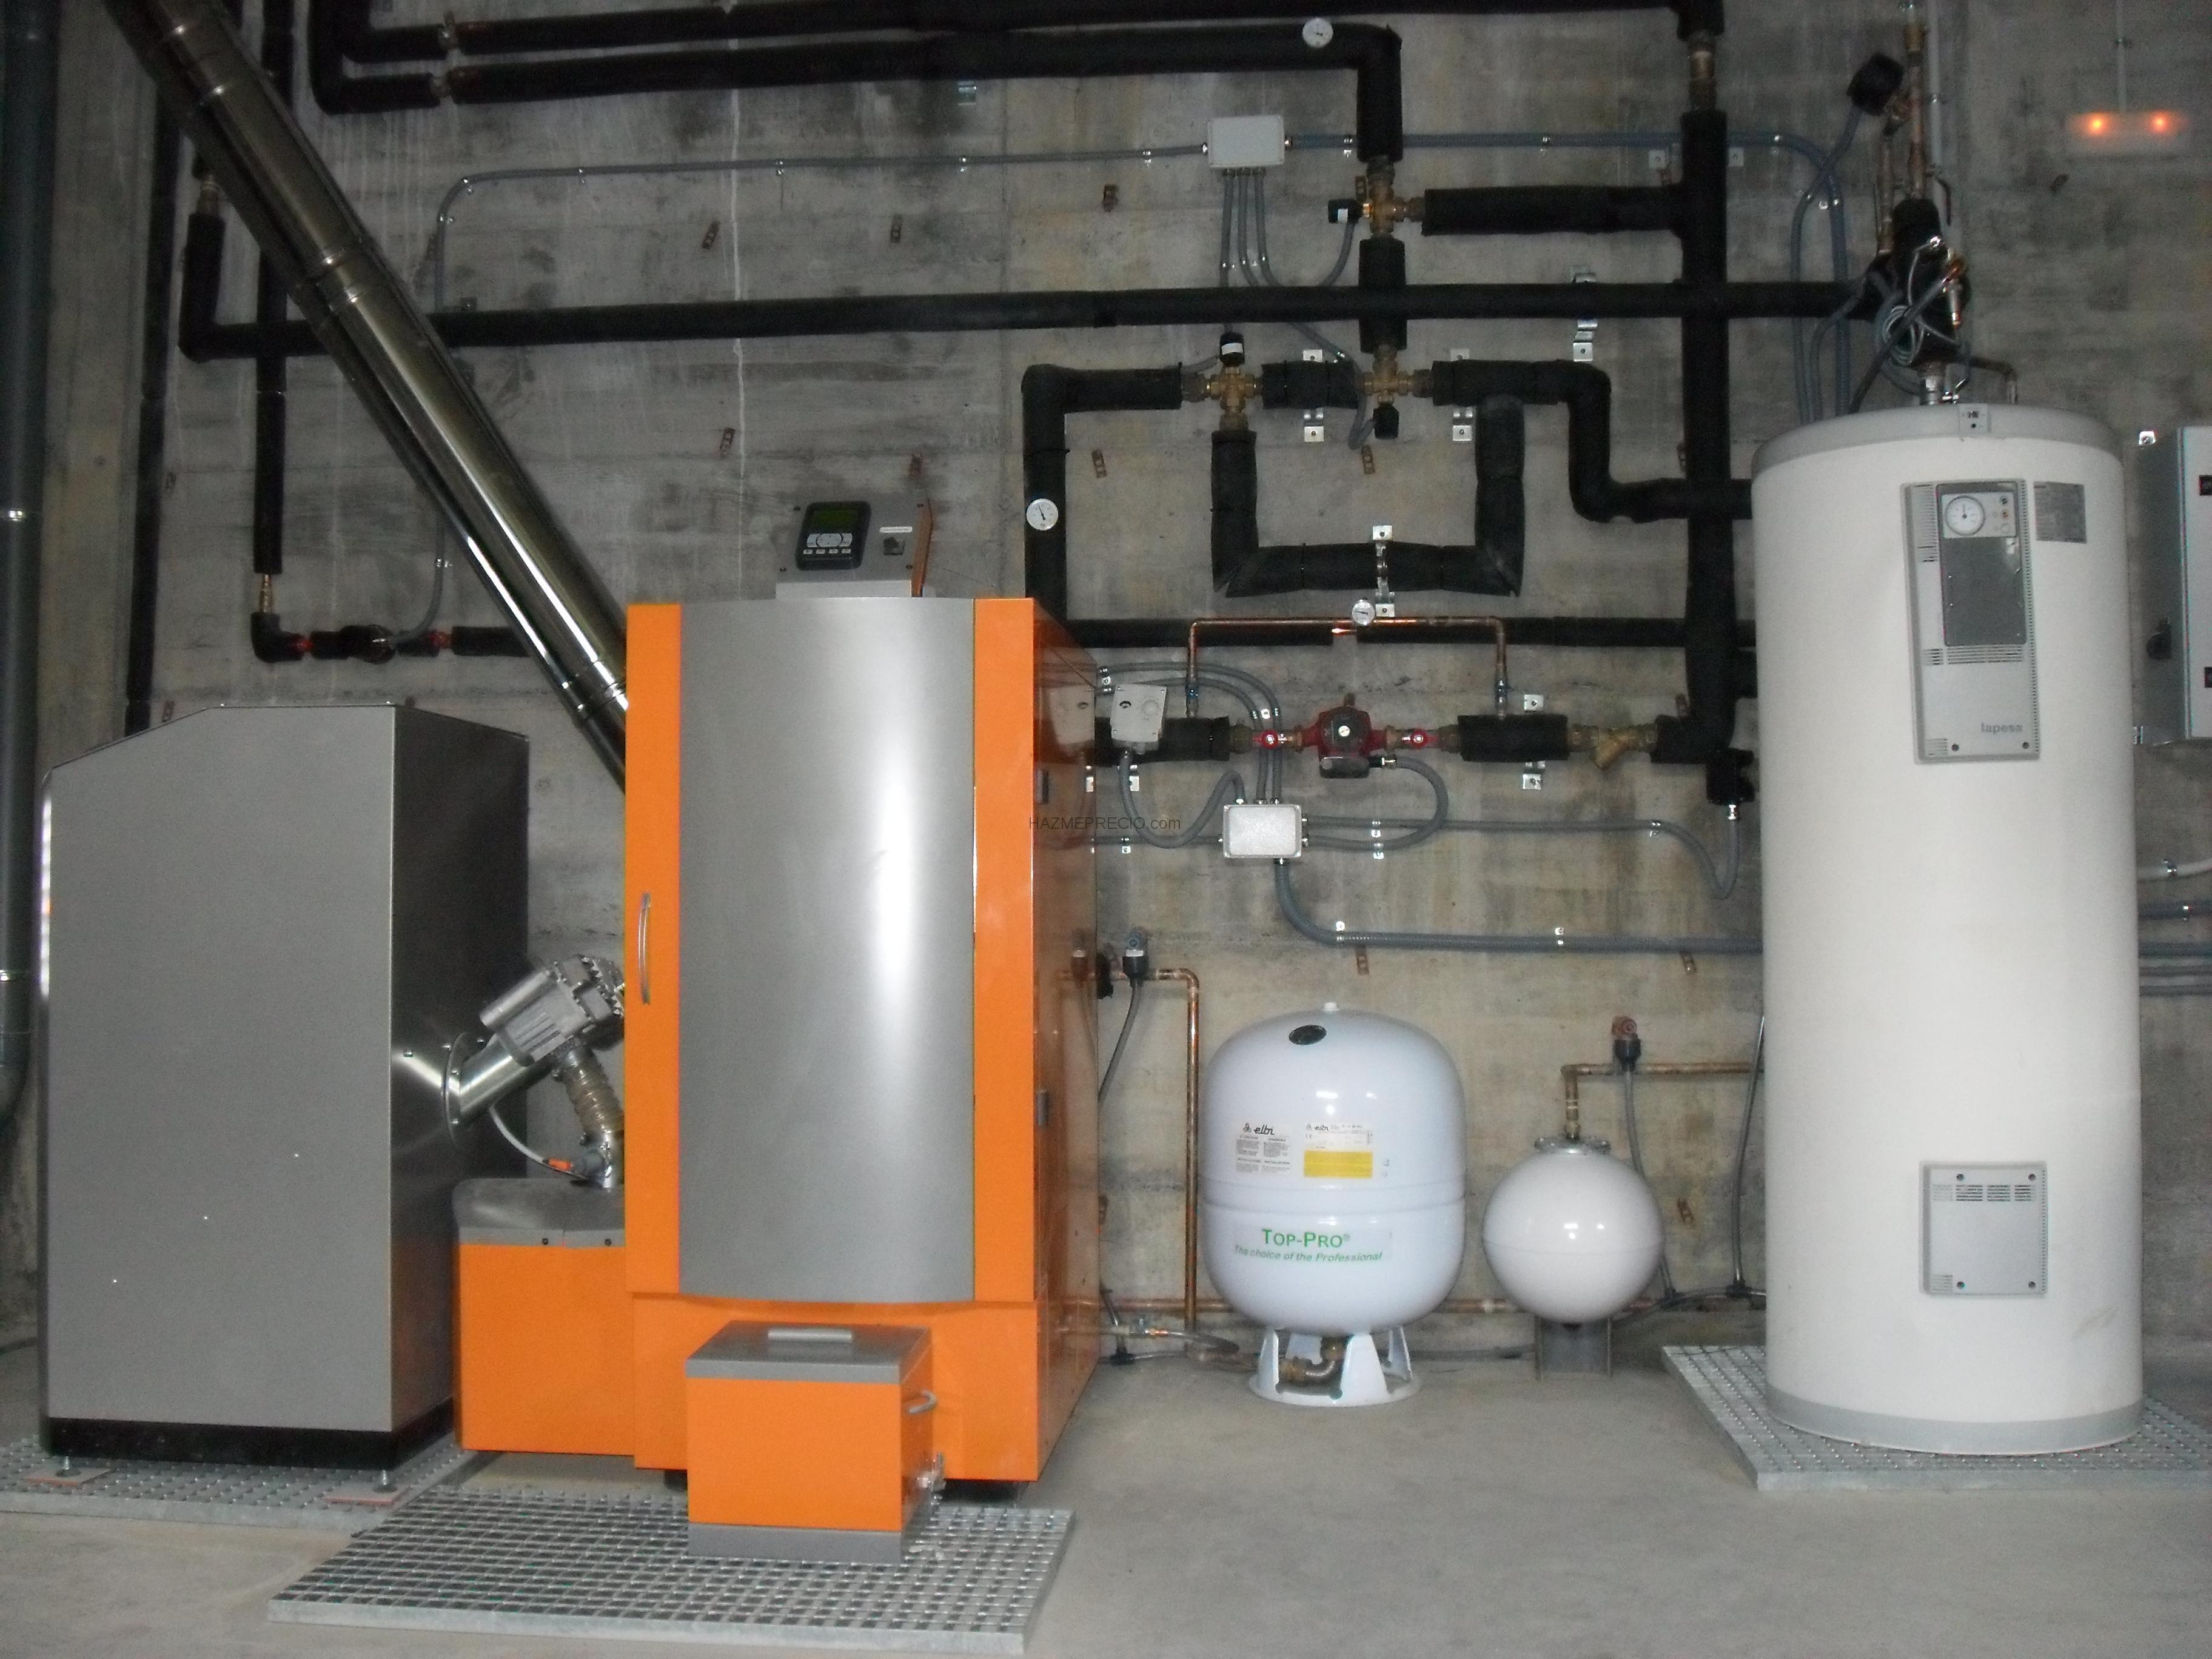 Empresas de calefaccion en vizcaya - Caldera de calefaccion ...